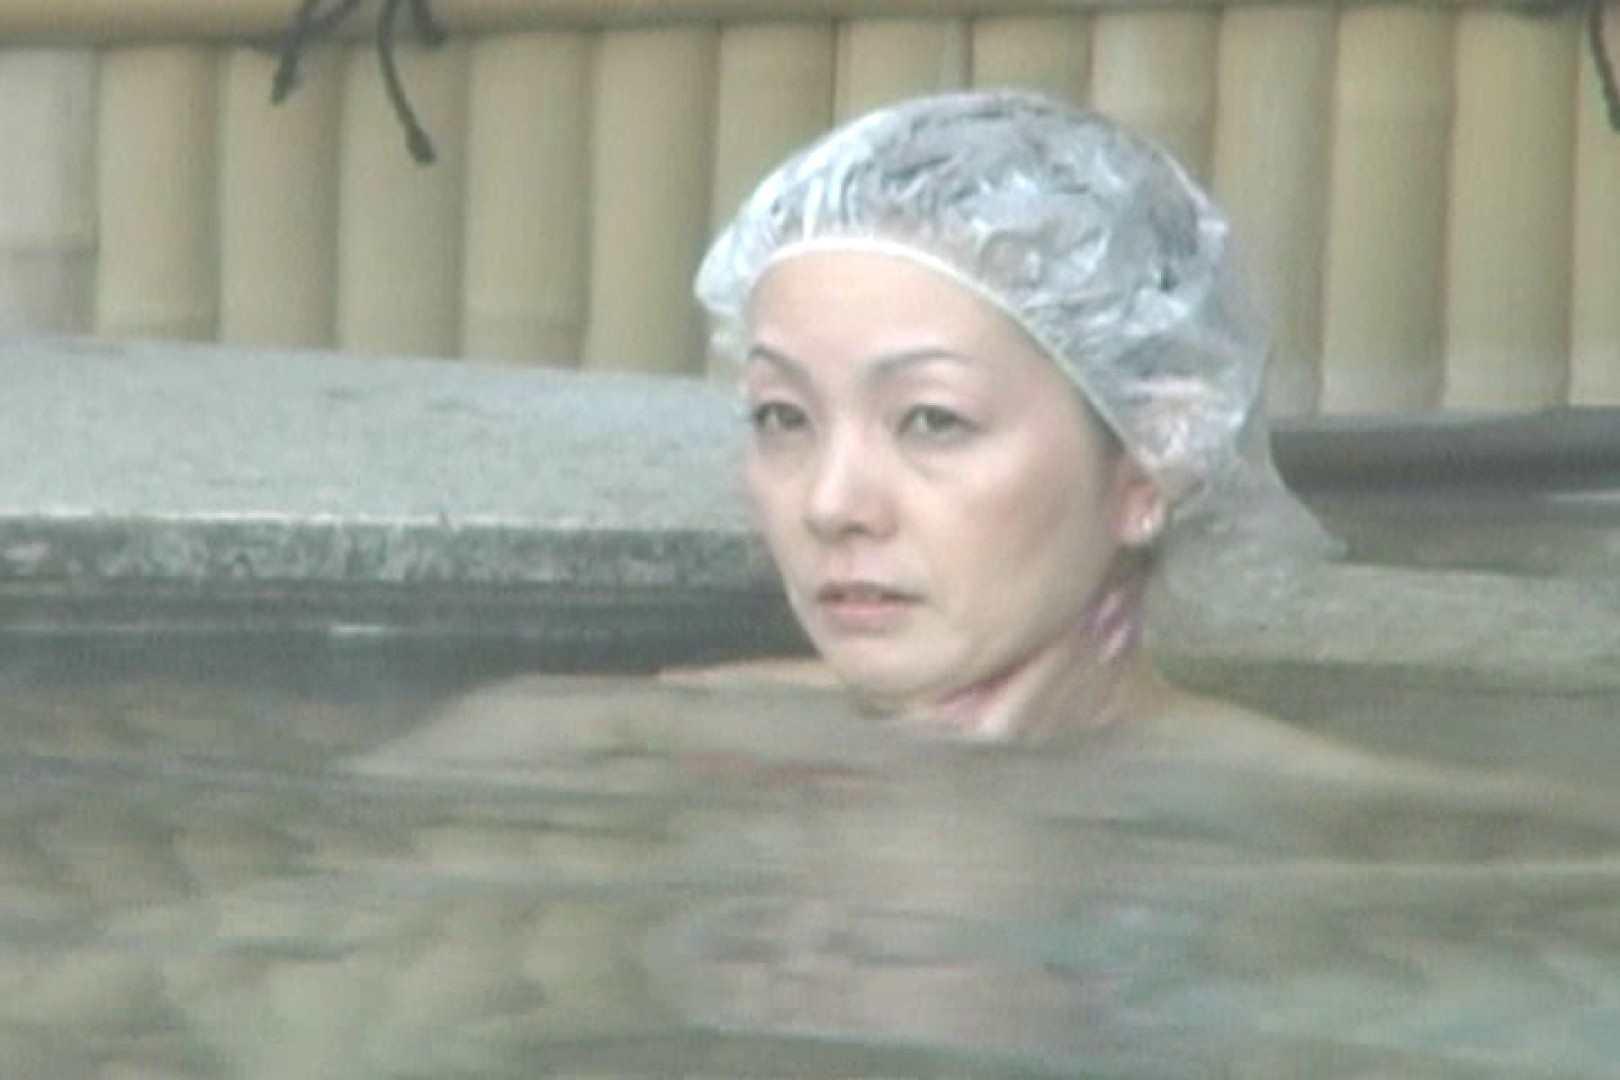 Aquaな露天風呂Vol.592 盗撮師作品 | 美しいOLの裸体  91pic 46